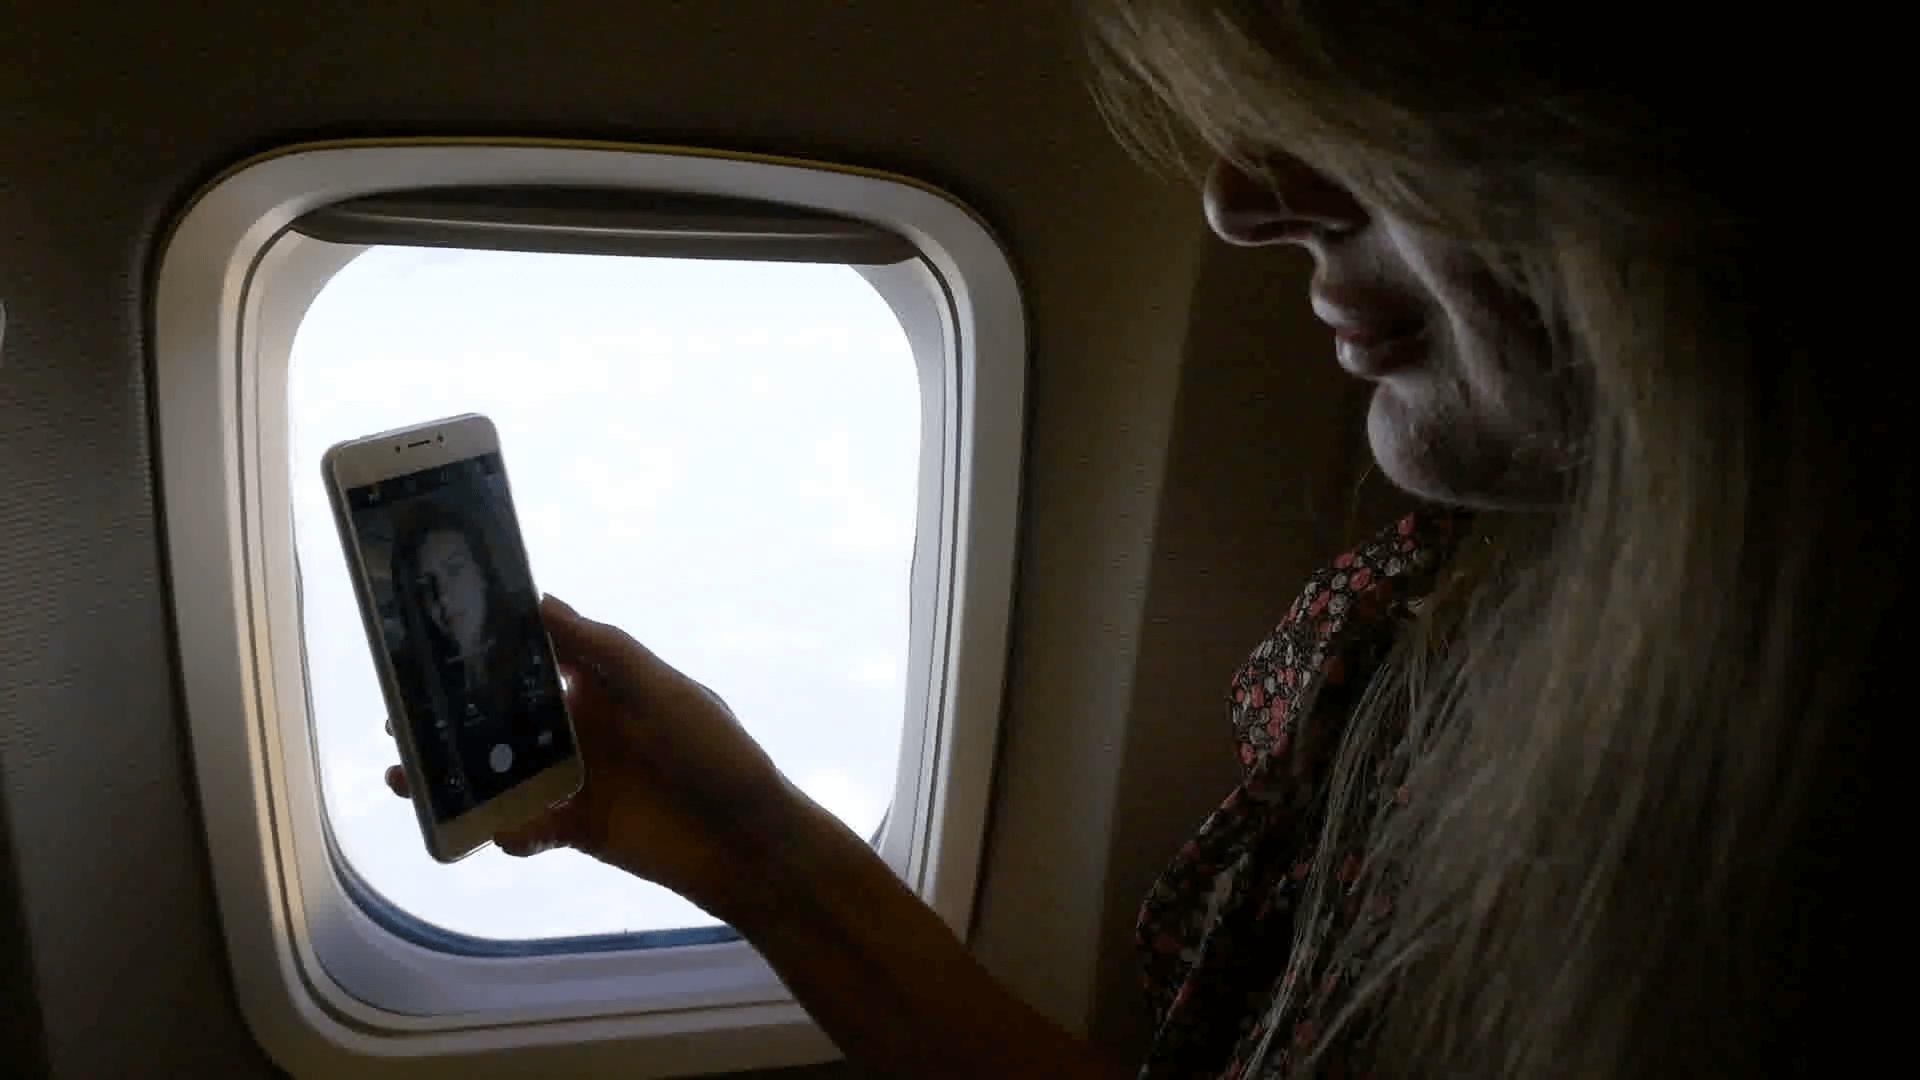 સર્વે: વિમાનોમાં મુસાફરો ઓછા સામાજિક બનતા હોય છે